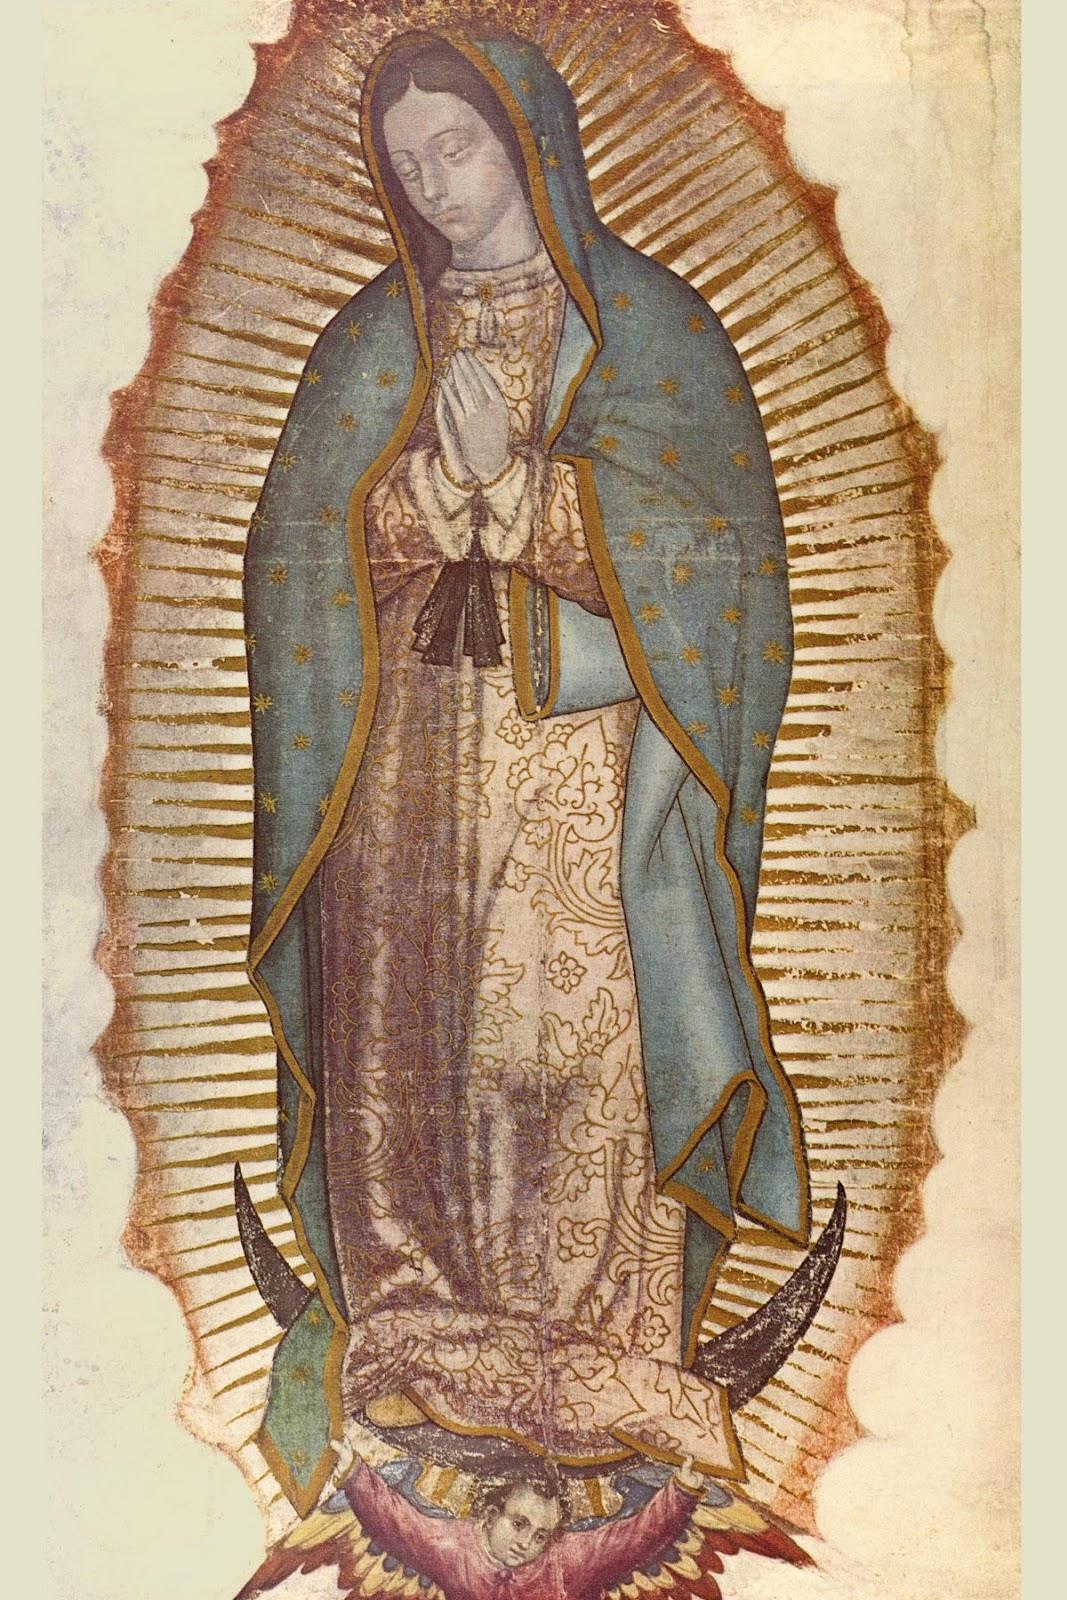 La Madonna di Guadalupe - interessante anche l'articolo di questo sito dans immagini sacre nostra-signora-della-guadalupe